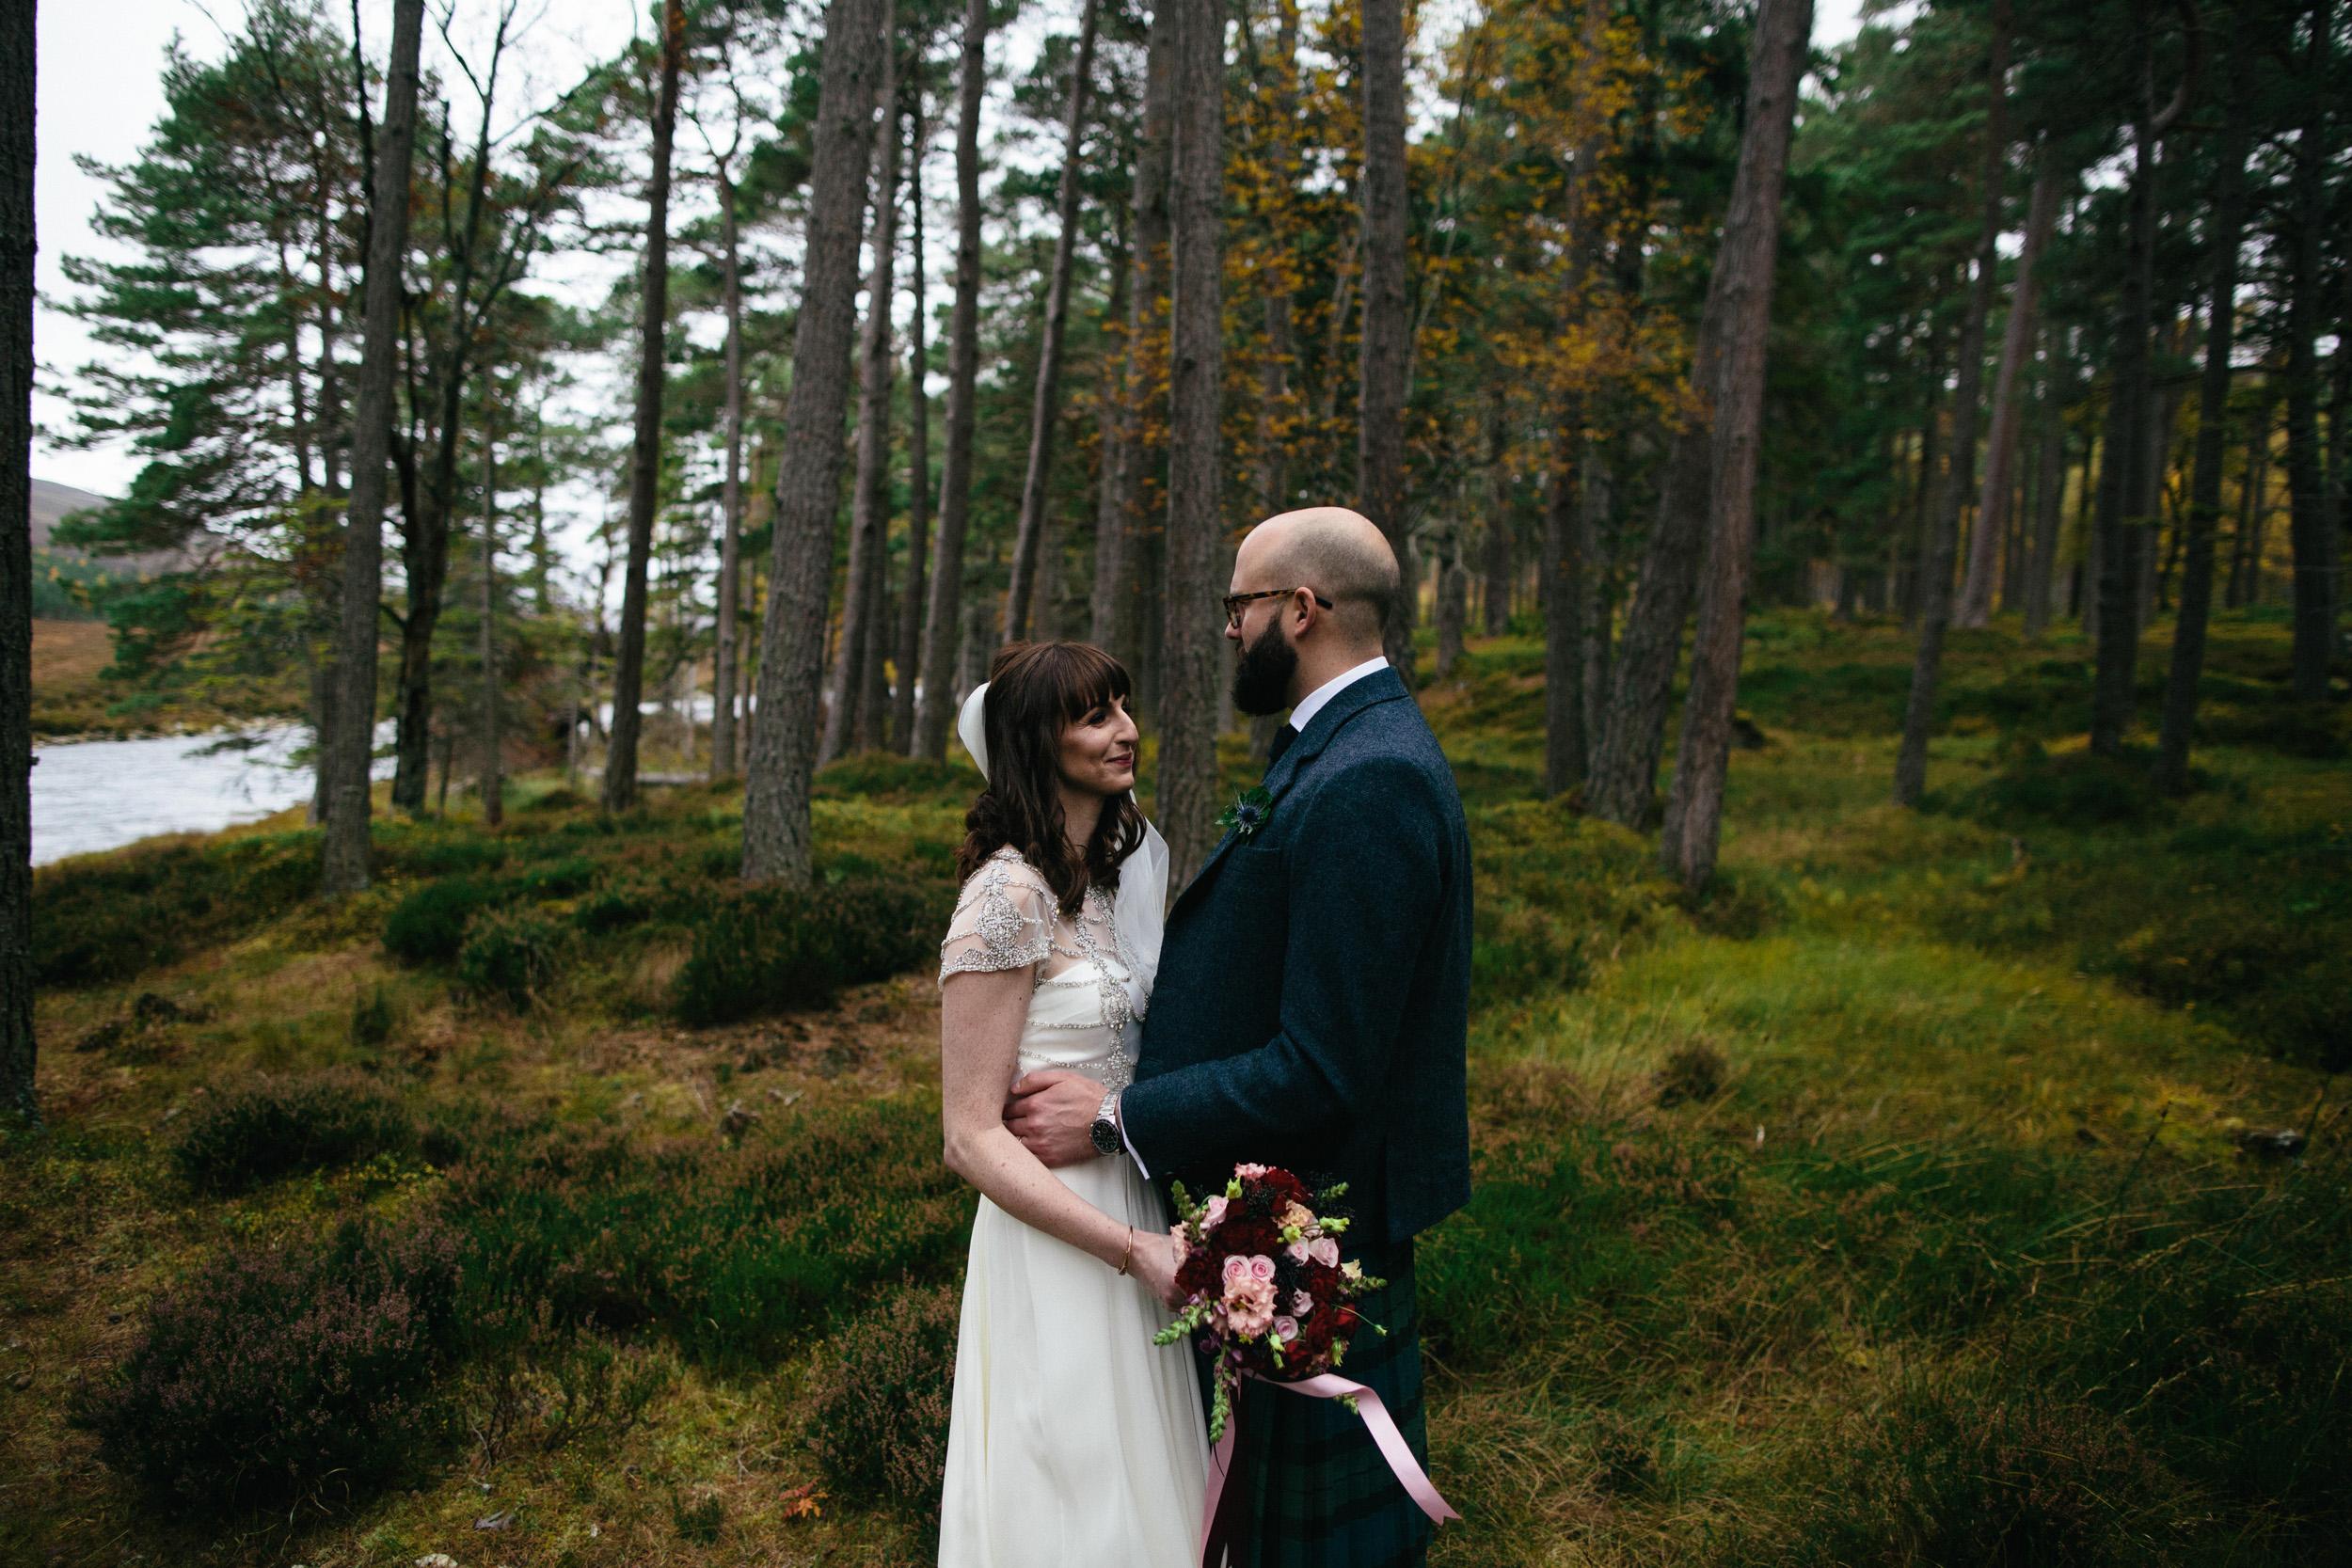 Natural Wedding Photography Aberdeen Braemar 056.jpg